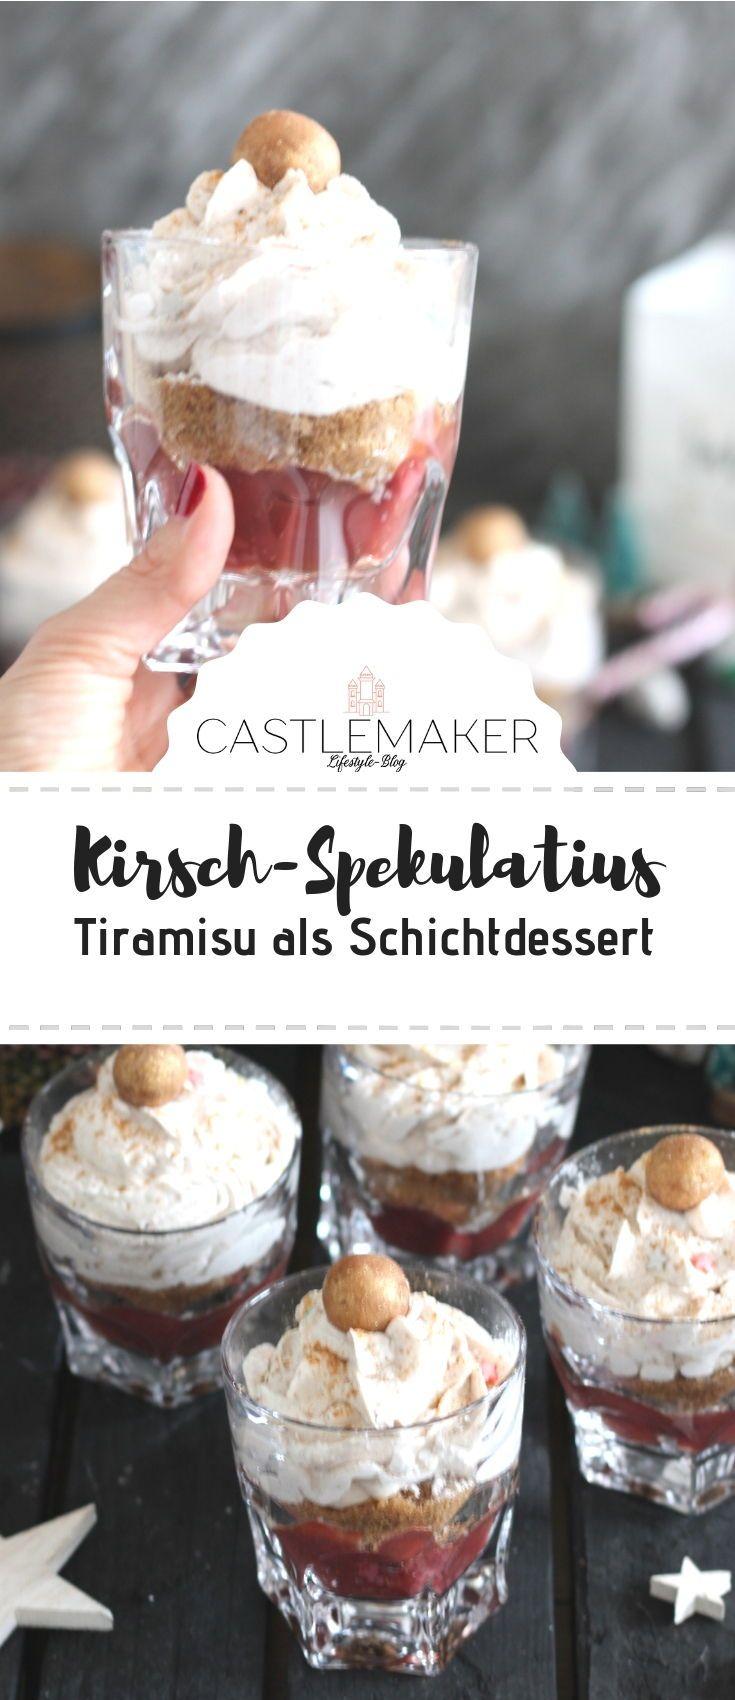 Schichtdessert im Glas mit Spekulatiuscreme // Kirsch-Spekulatius-Tiramisu « CASTLEMAKER Lifestyle Blog